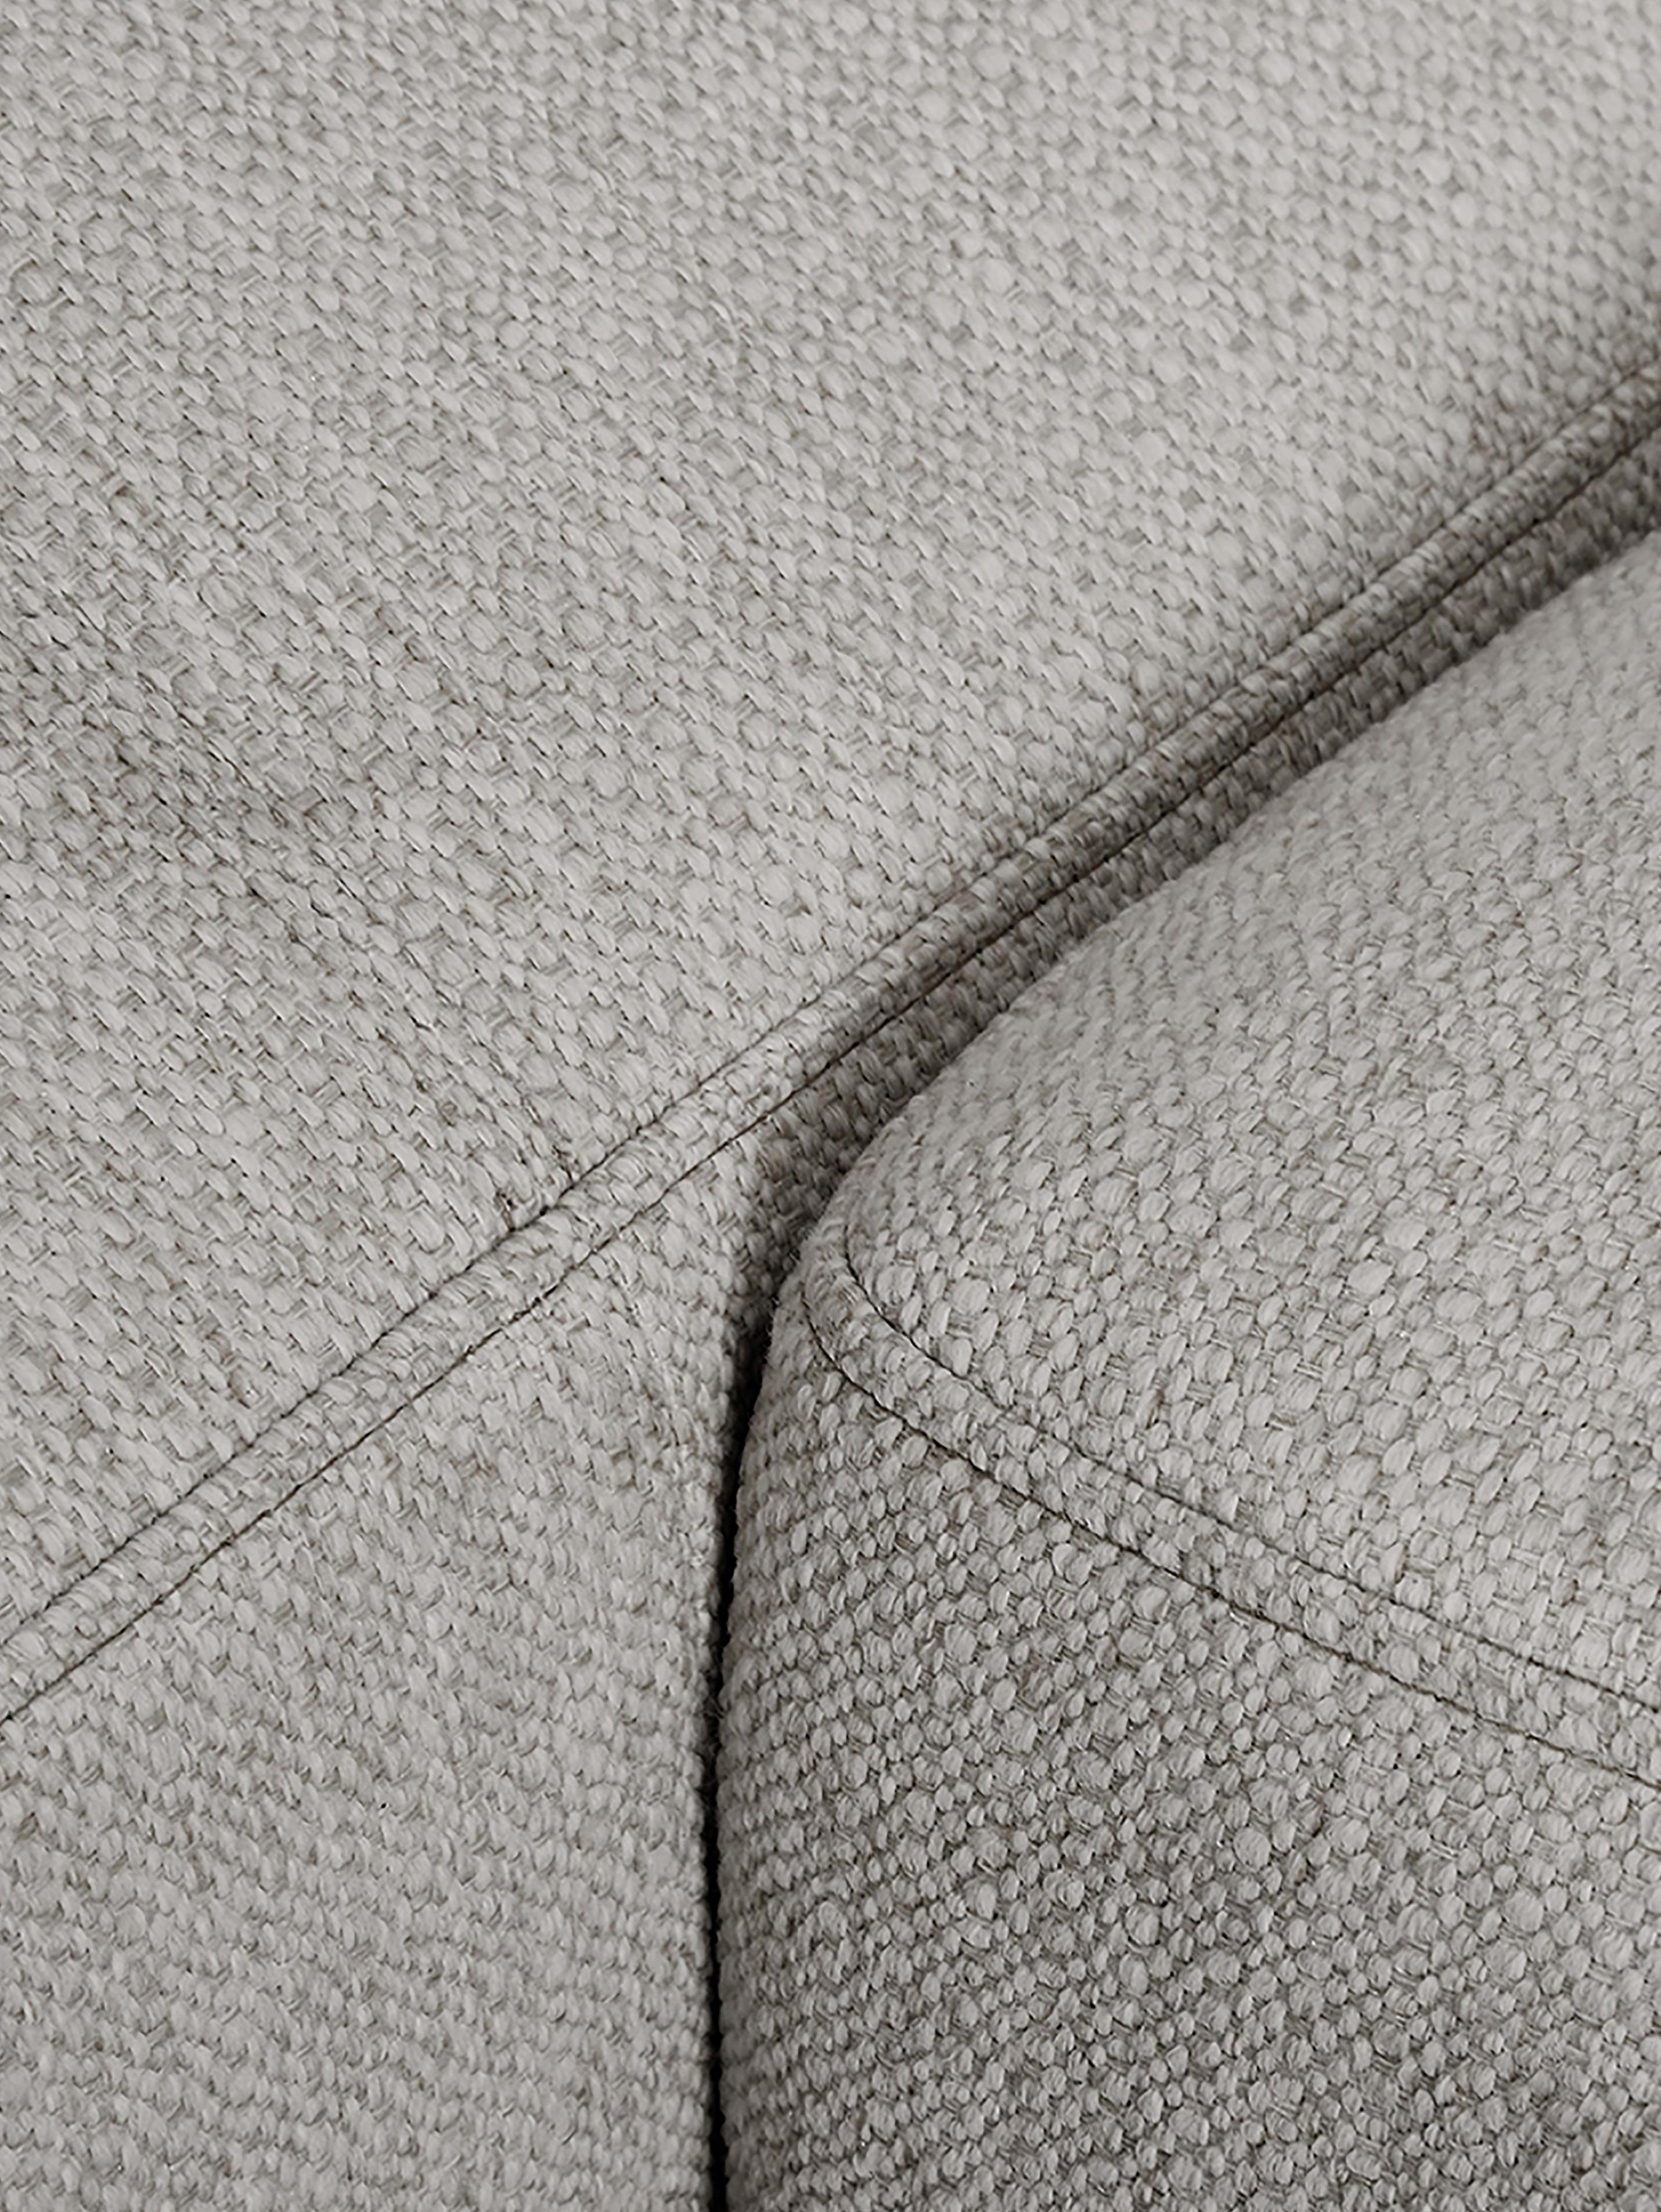 Divano angolare in tessuto grigio beige Tribeca, Rivestimento: poliestere 26.000 cicli d, Rivestimento: cuscino in schiuma con mo, Seduta: imbottitura in schiuma, f, Struttura: legno di pino massiccio, Tessuto grigio beige, Larg. 405 x Prof. 228 cm